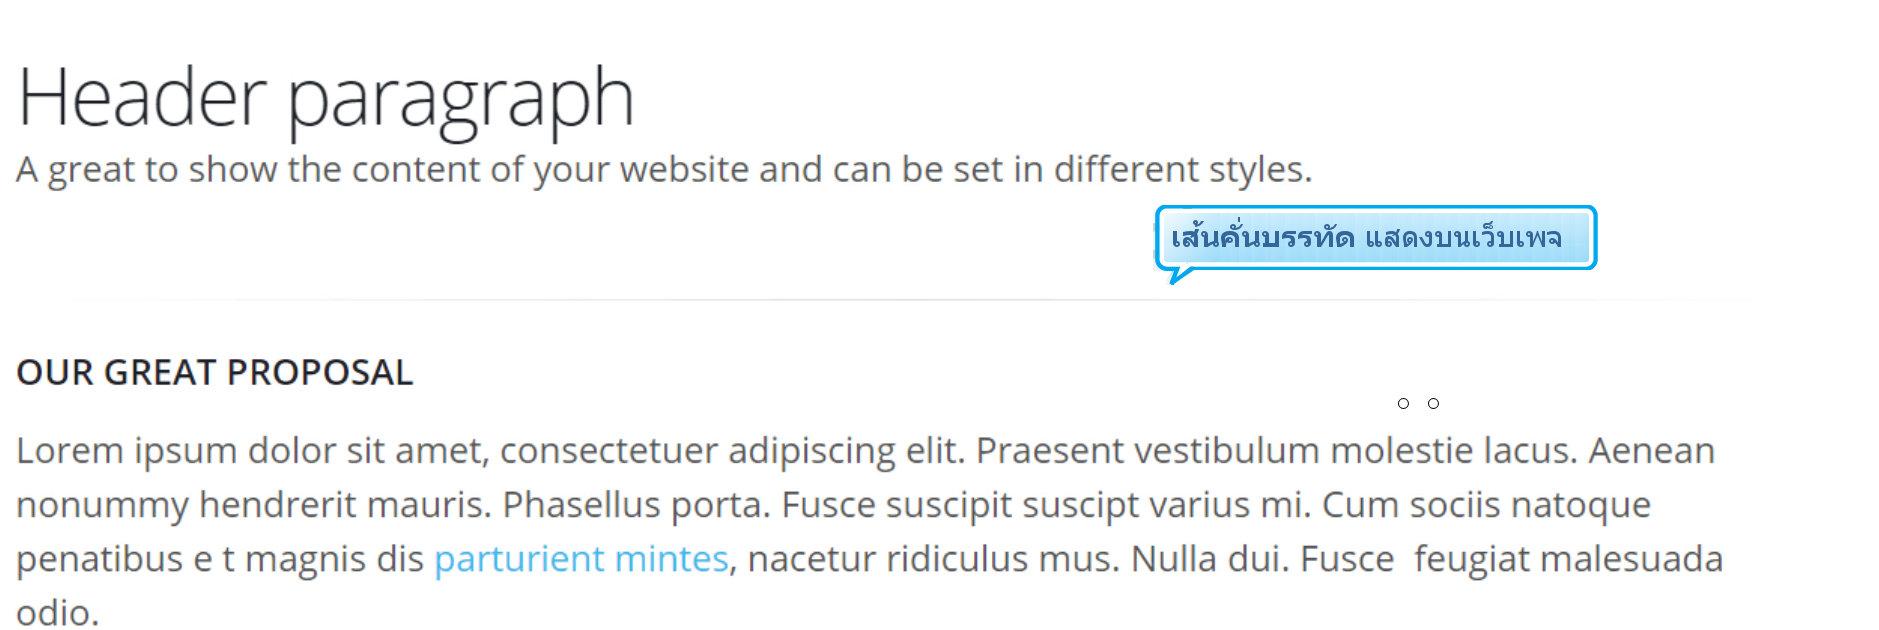 คู่มือเว็บไซต์สำเร็จรูป ninenic - webeditor : แทรกเส้นคั่นบรรทัด หรือ <hr>